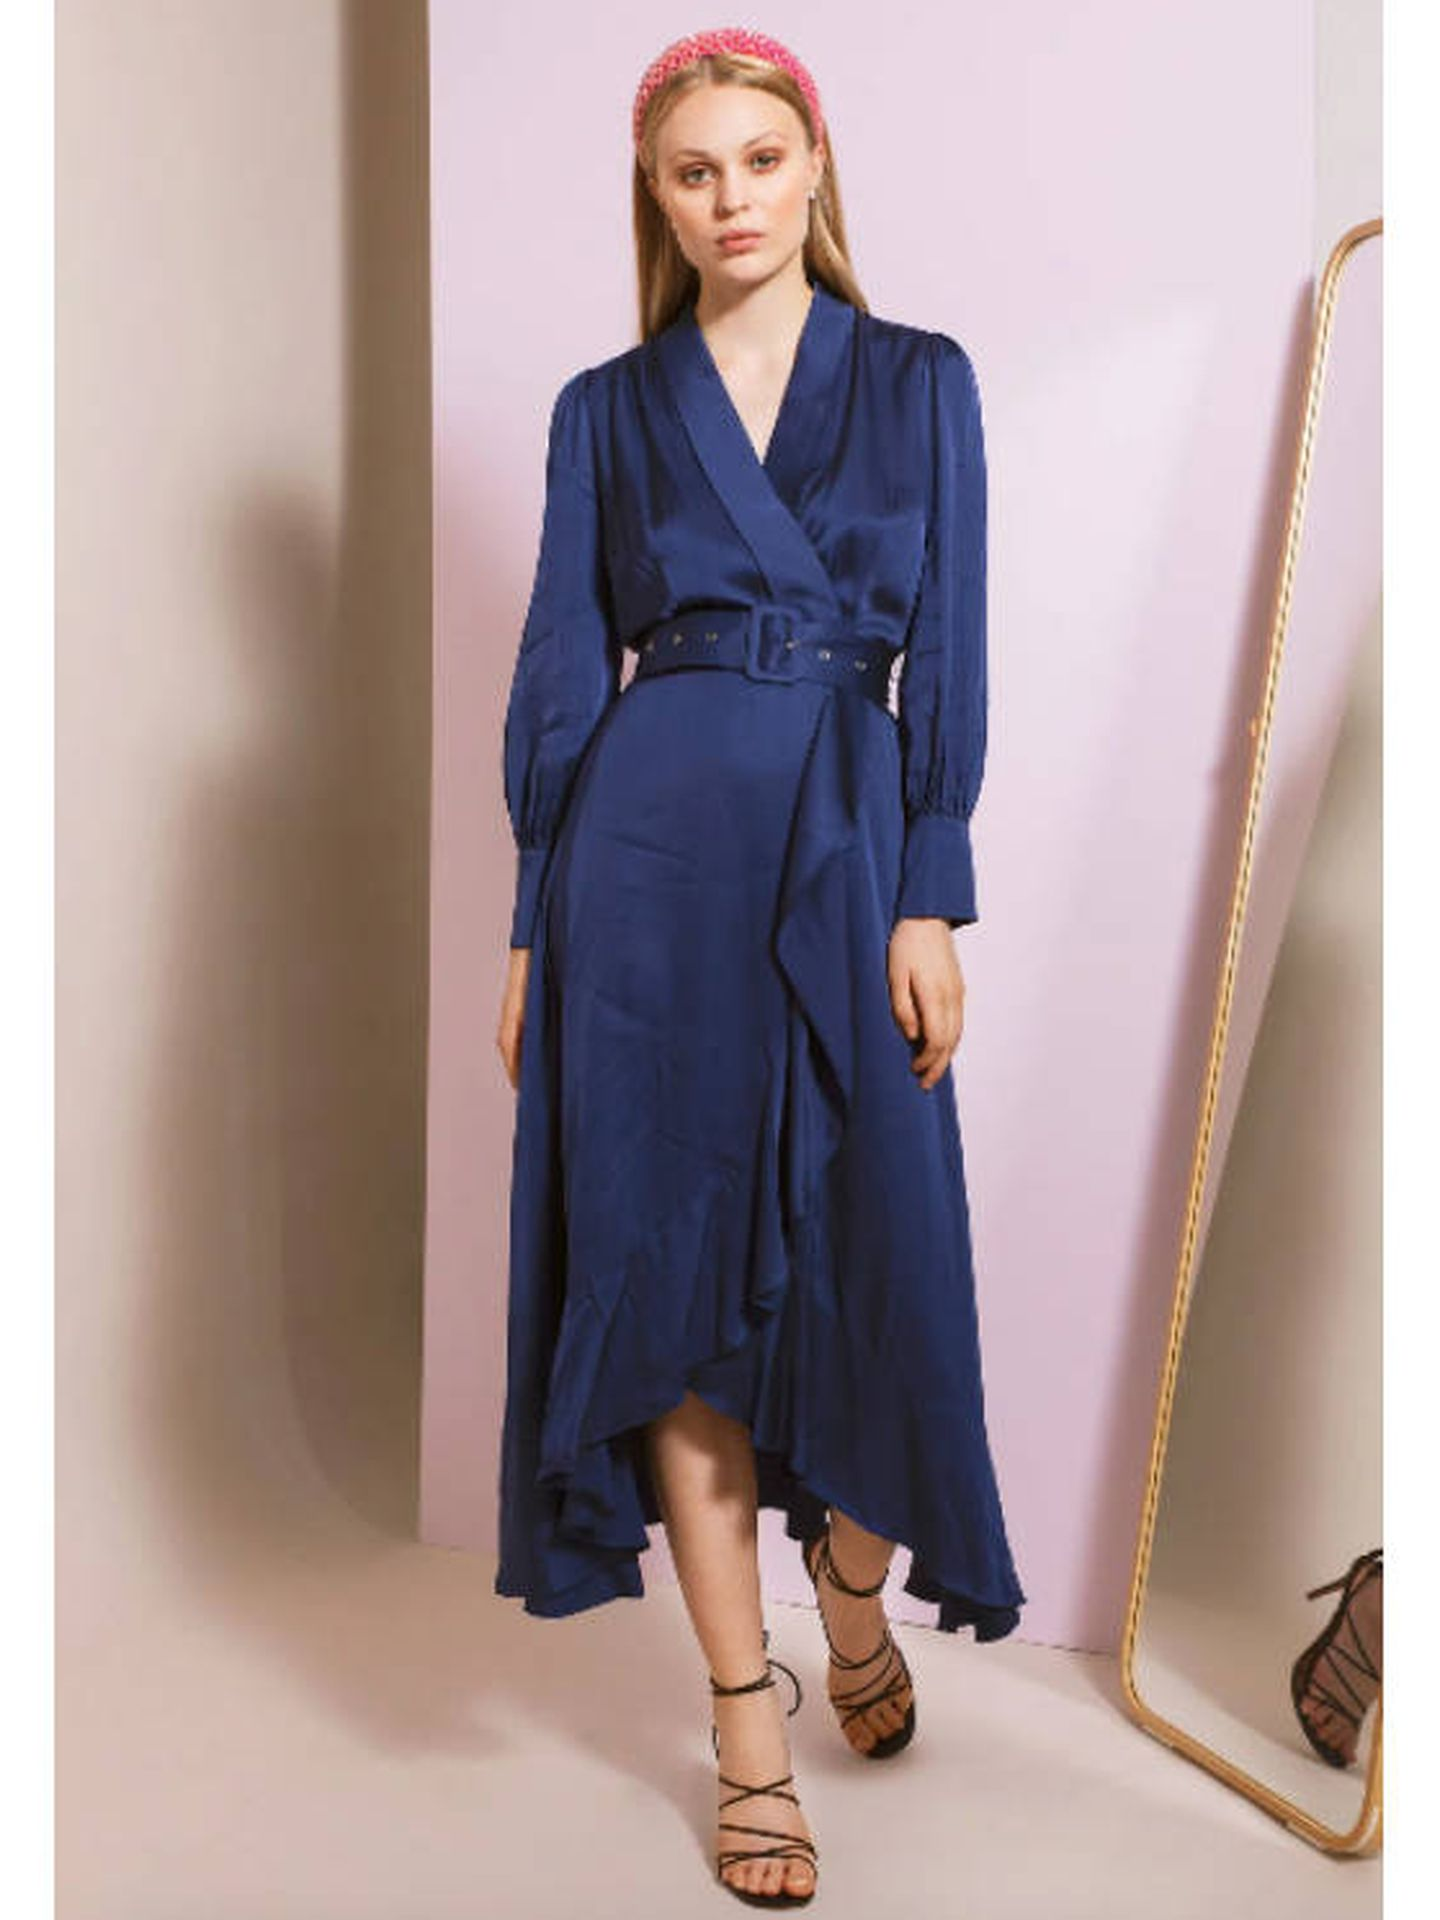 El vestido de By Malina. (Cortesía)